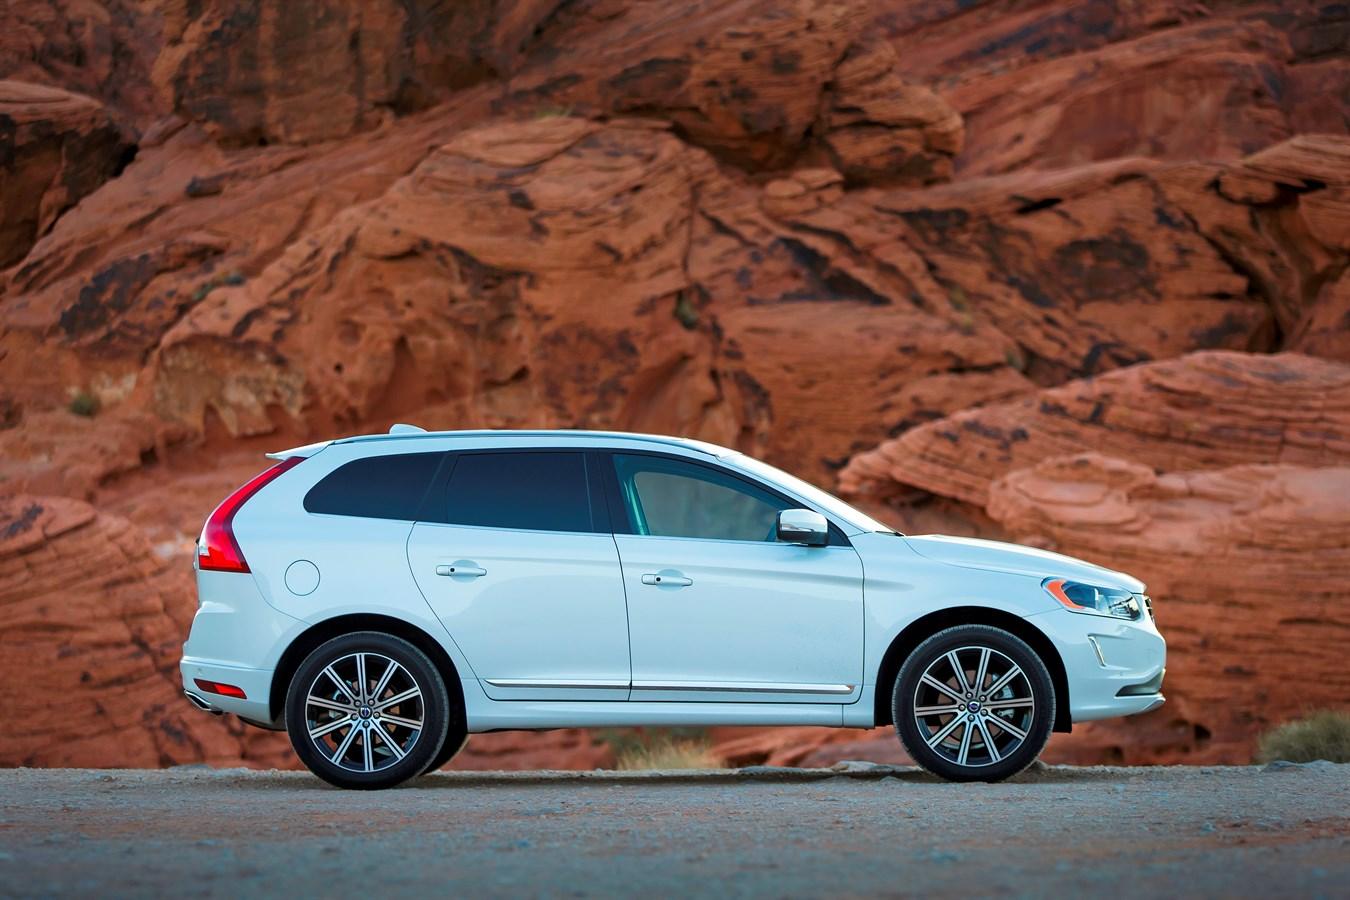 le volvo xc60 est le suv le plus vendu en europe dans sa categorie site m dia volvo car france. Black Bedroom Furniture Sets. Home Design Ideas